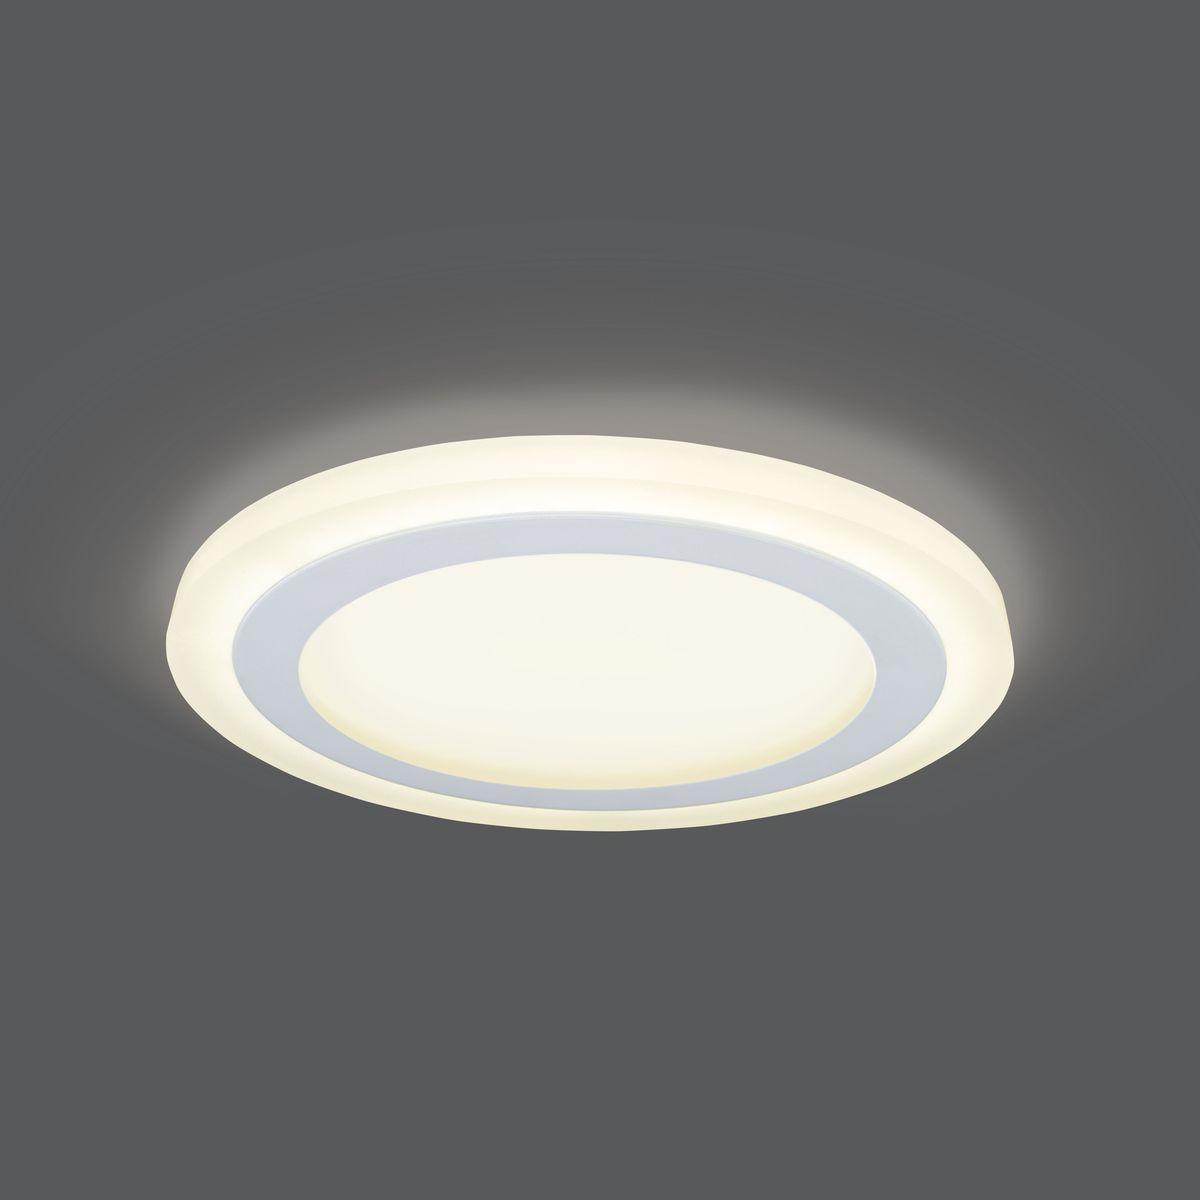 Встраиваемый светильник Gauss LED 12+4W, 3000K, 960Лм, 1/20, 16 Вт светильники для сада led